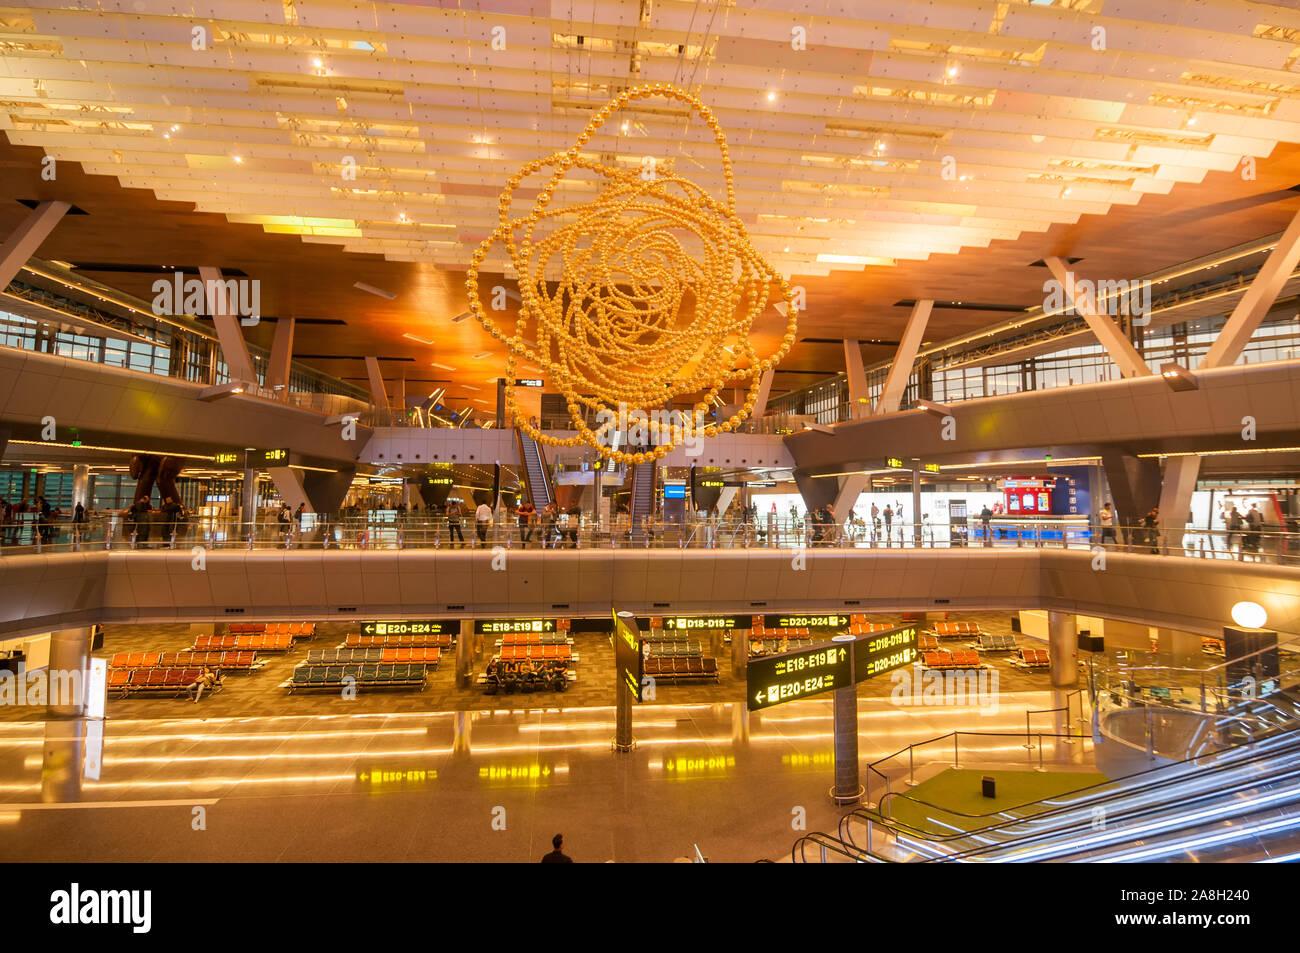 Hall, l'aéroport international Hamad, Doha, Qatar Banque D'Images